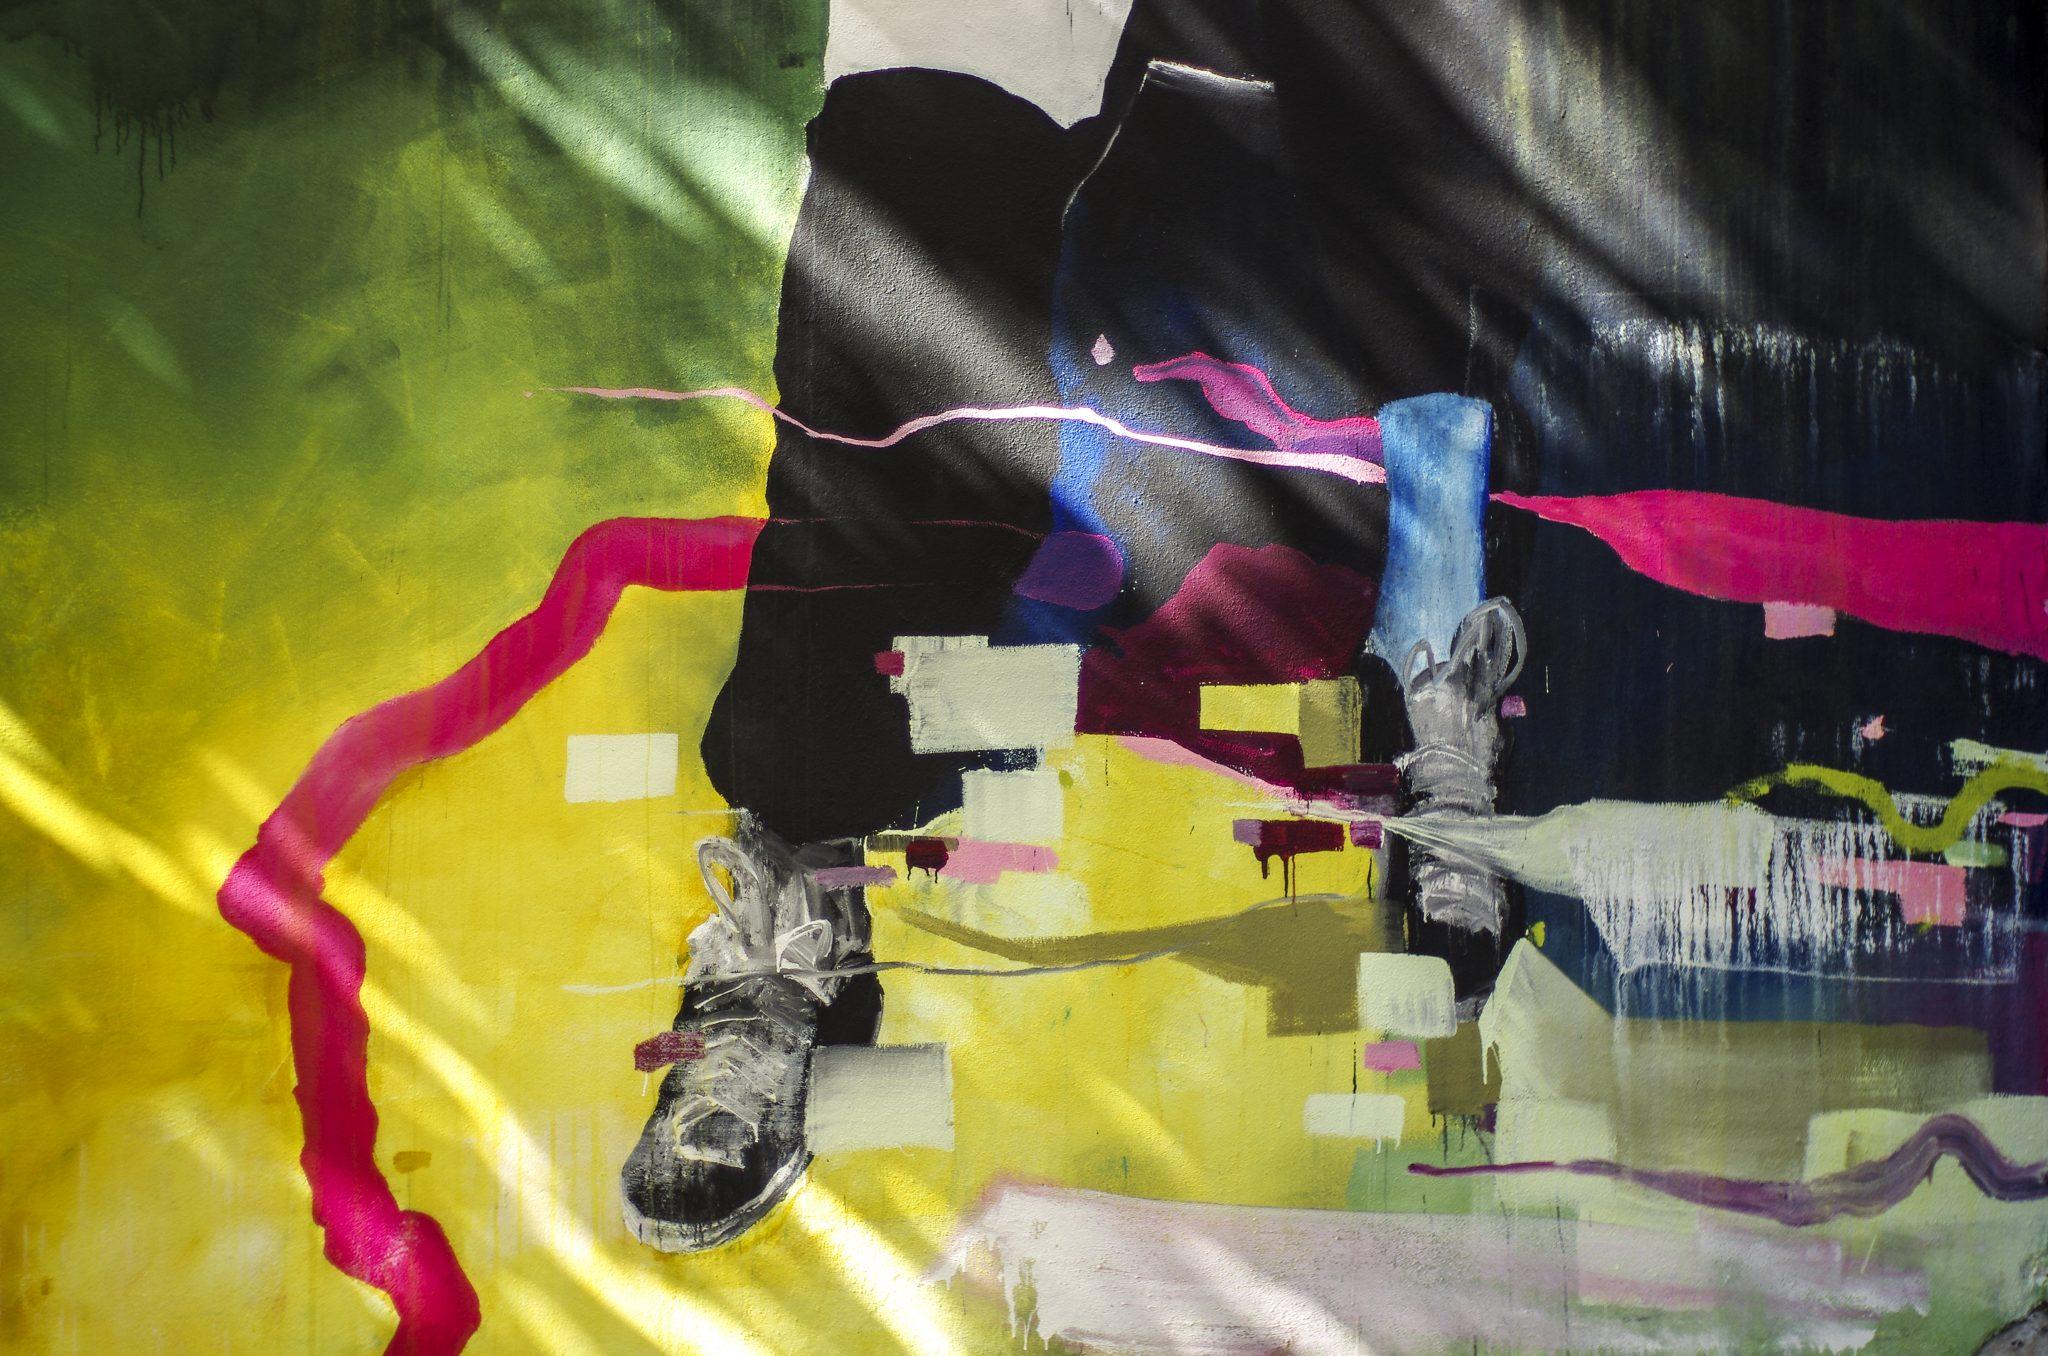 Fresque de Fred Calmets hommage à Zao Wou-Ki, Paris 14e